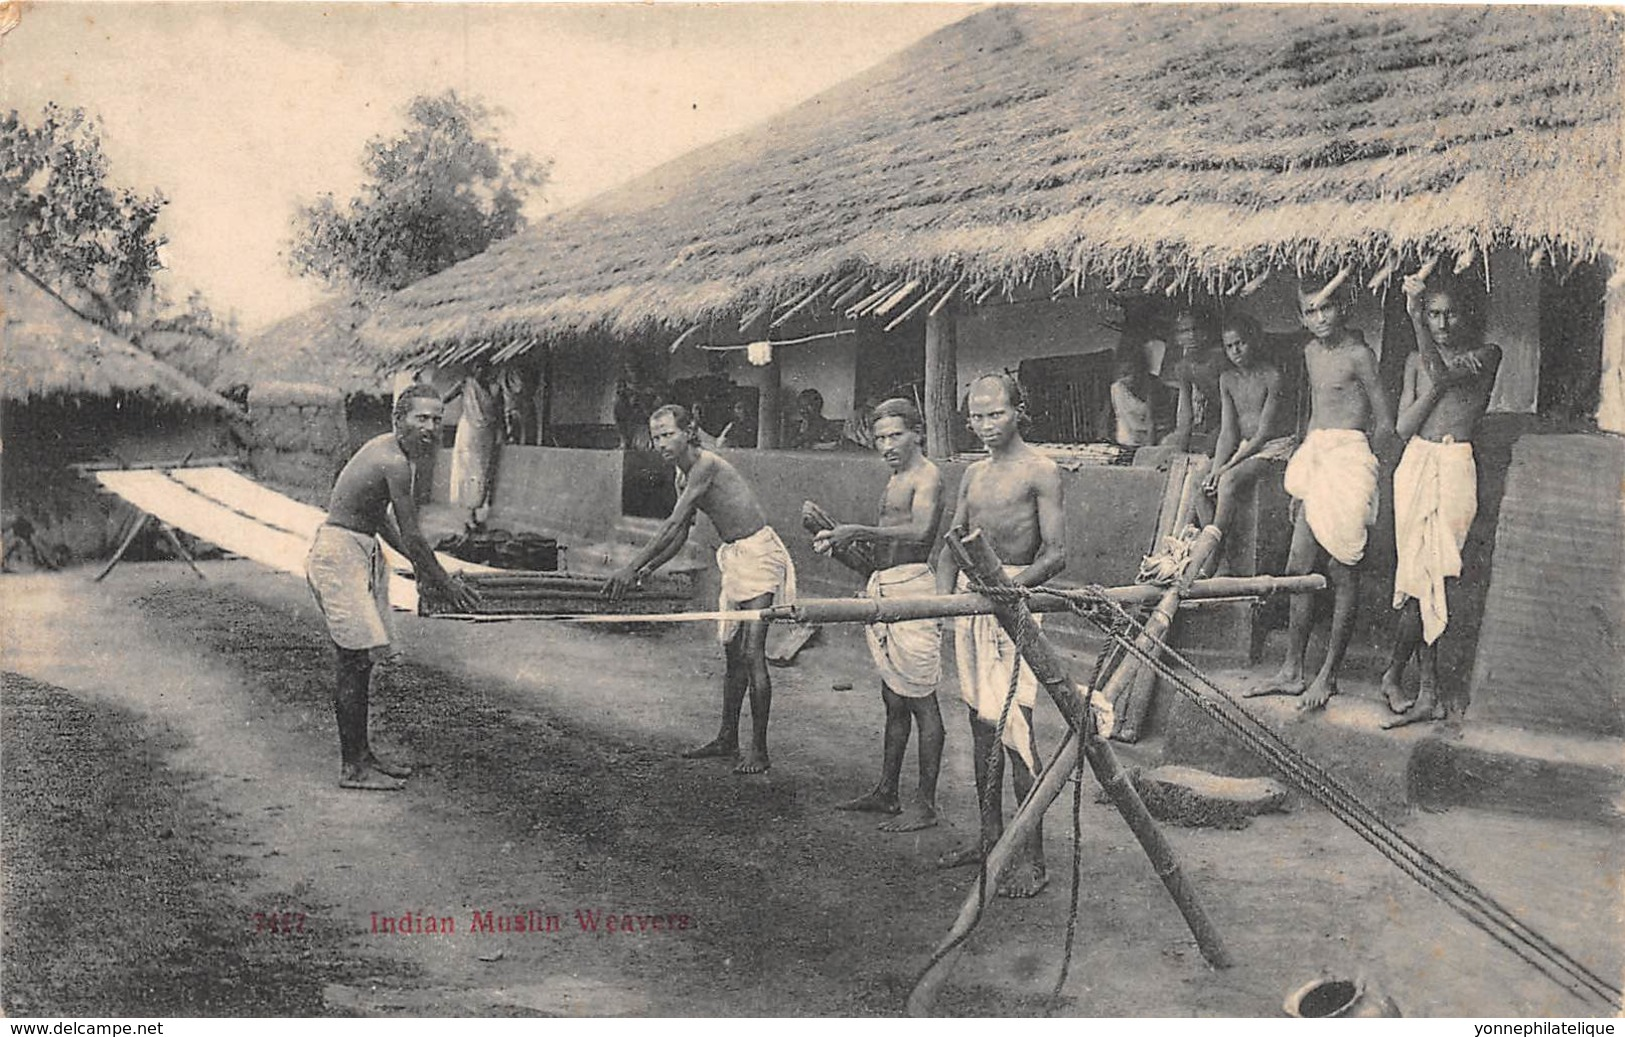 10755 - Trinidad - Indian Muslin Weavers - Trinidad